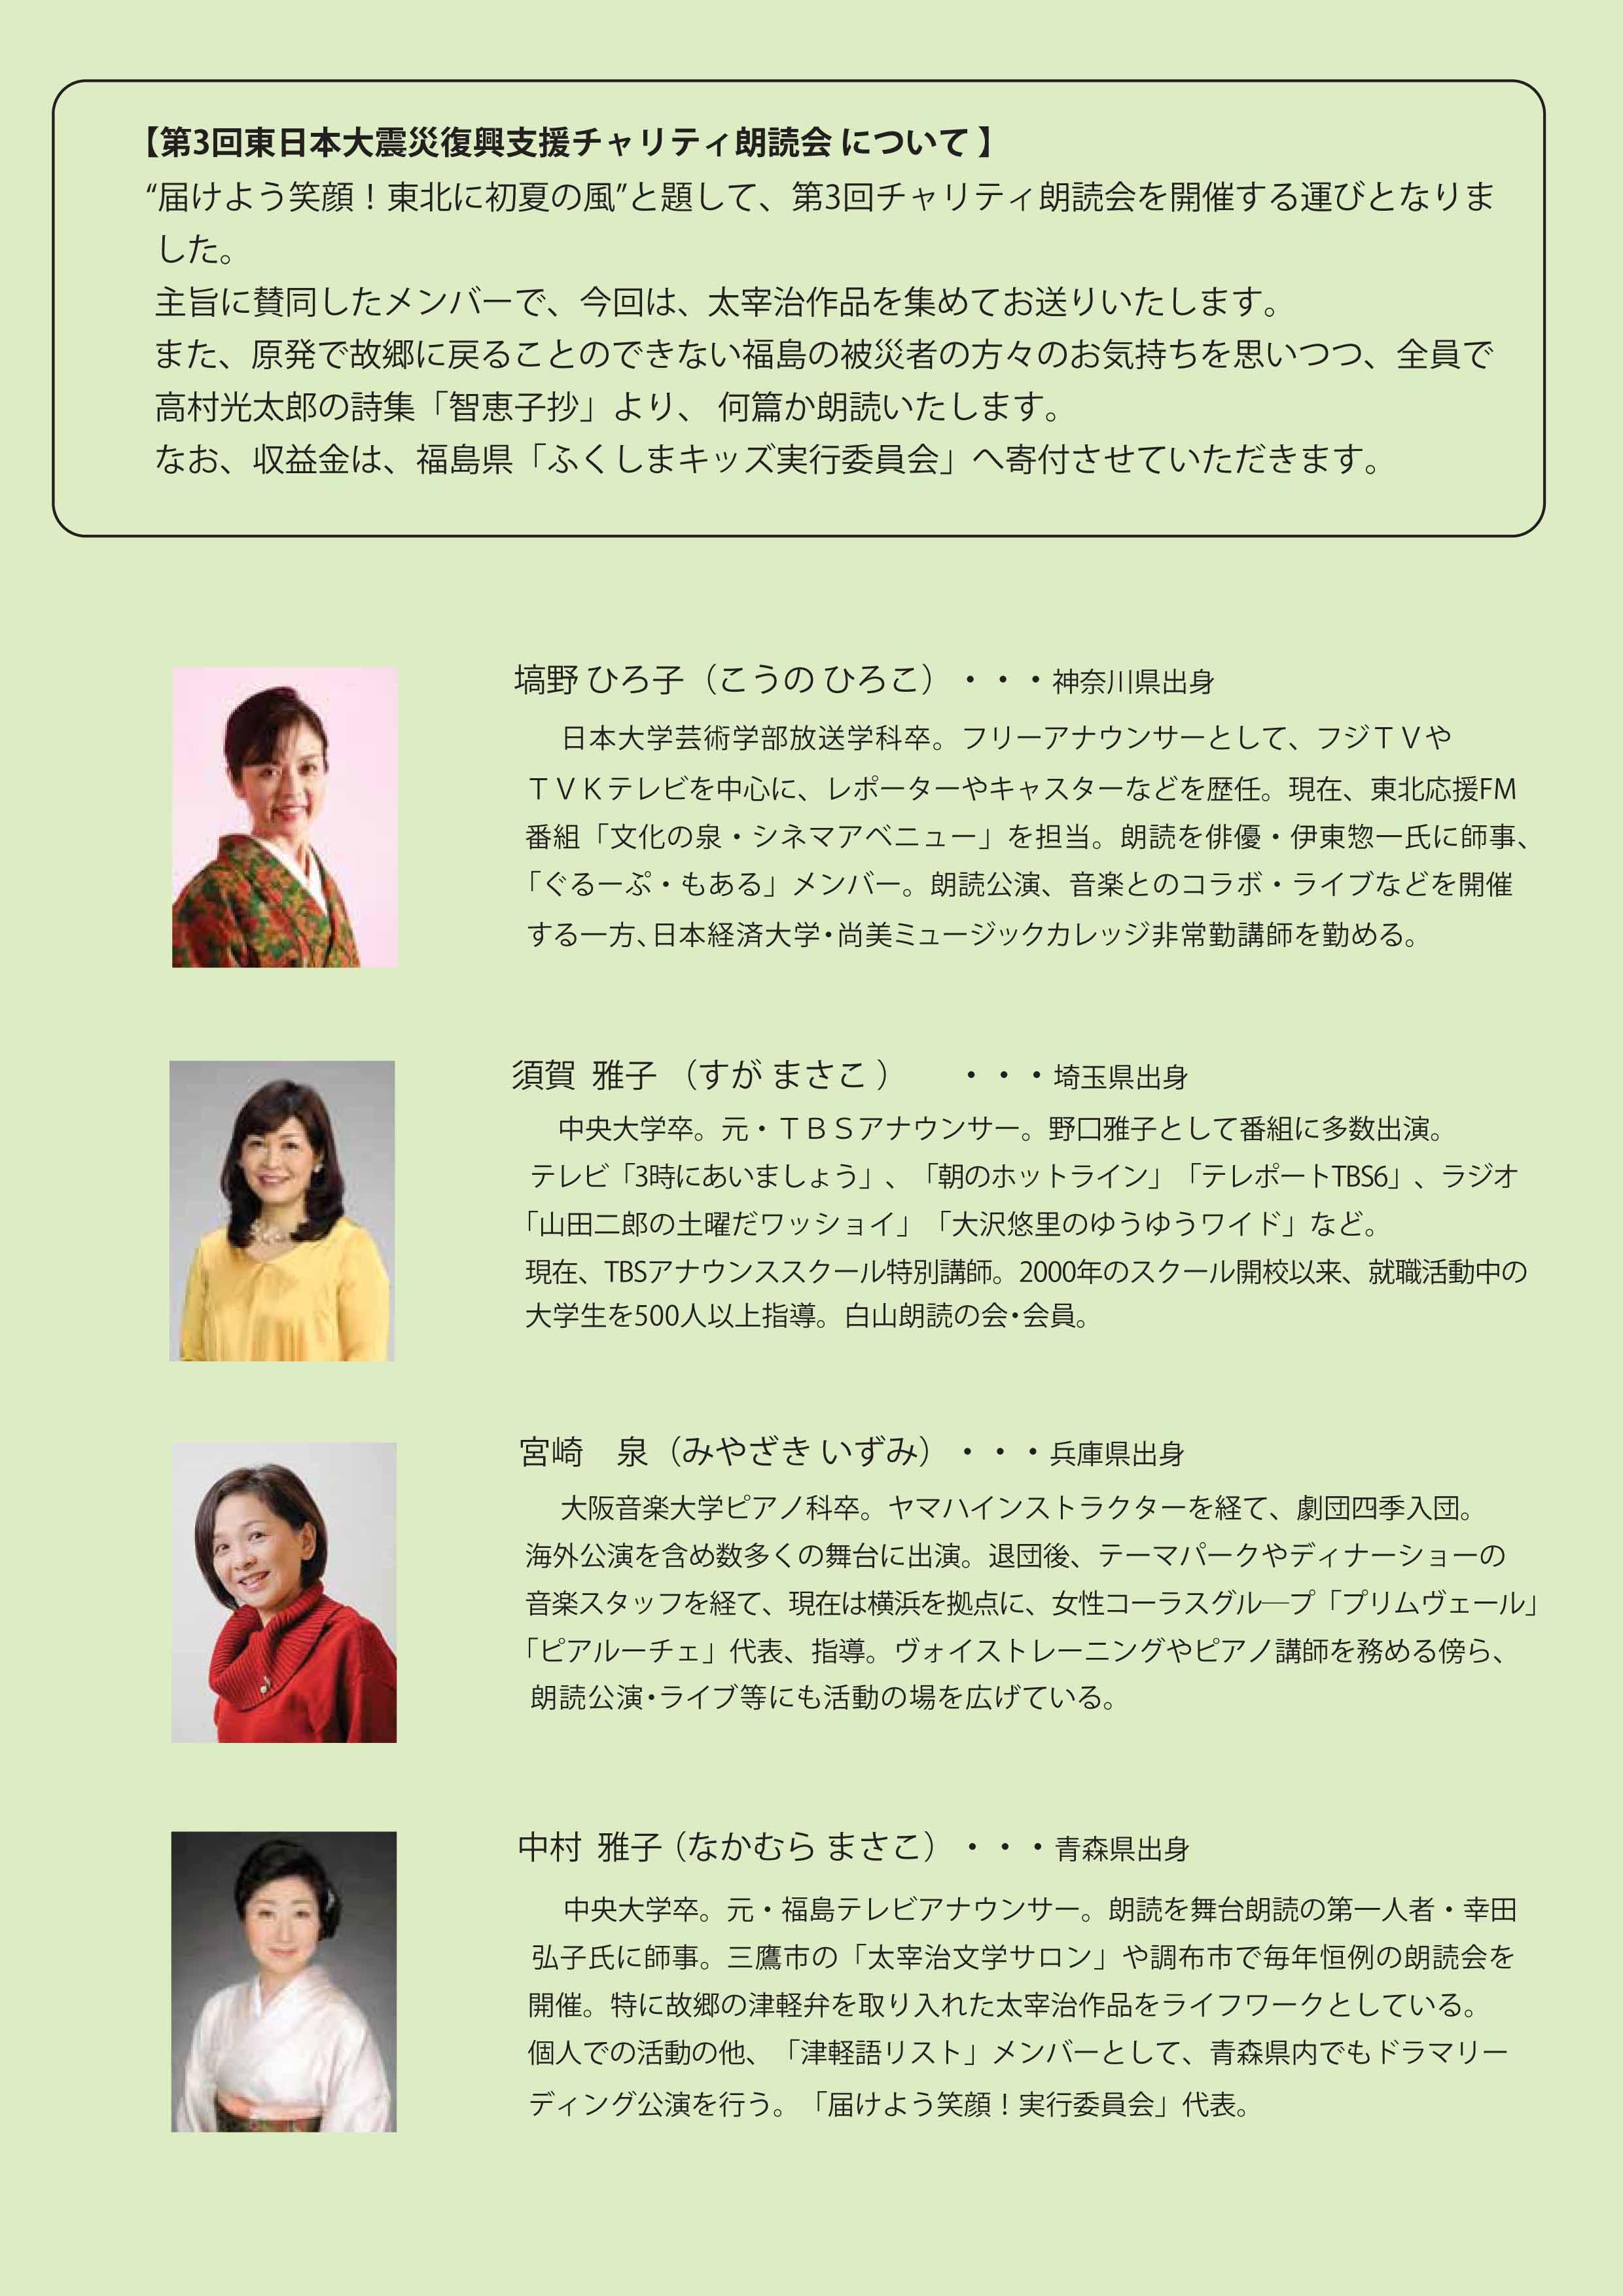 チラシ 裏面_edited-1.jpg